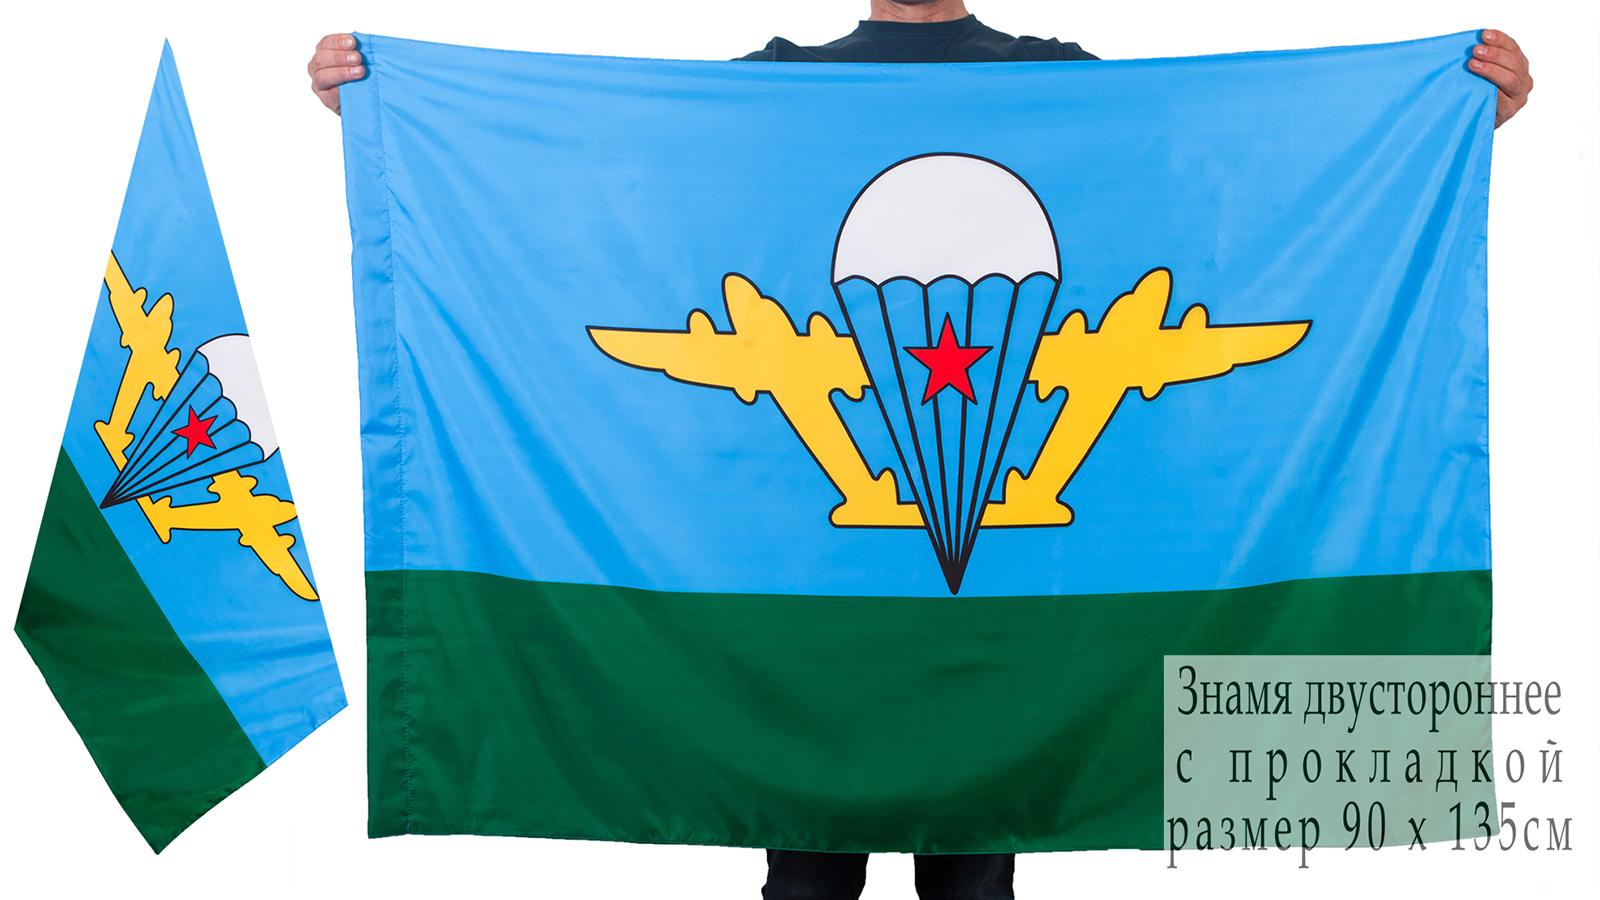 Купите бывшим десантникам двухсторонний флаг ВДВ СССР «Белый купол»